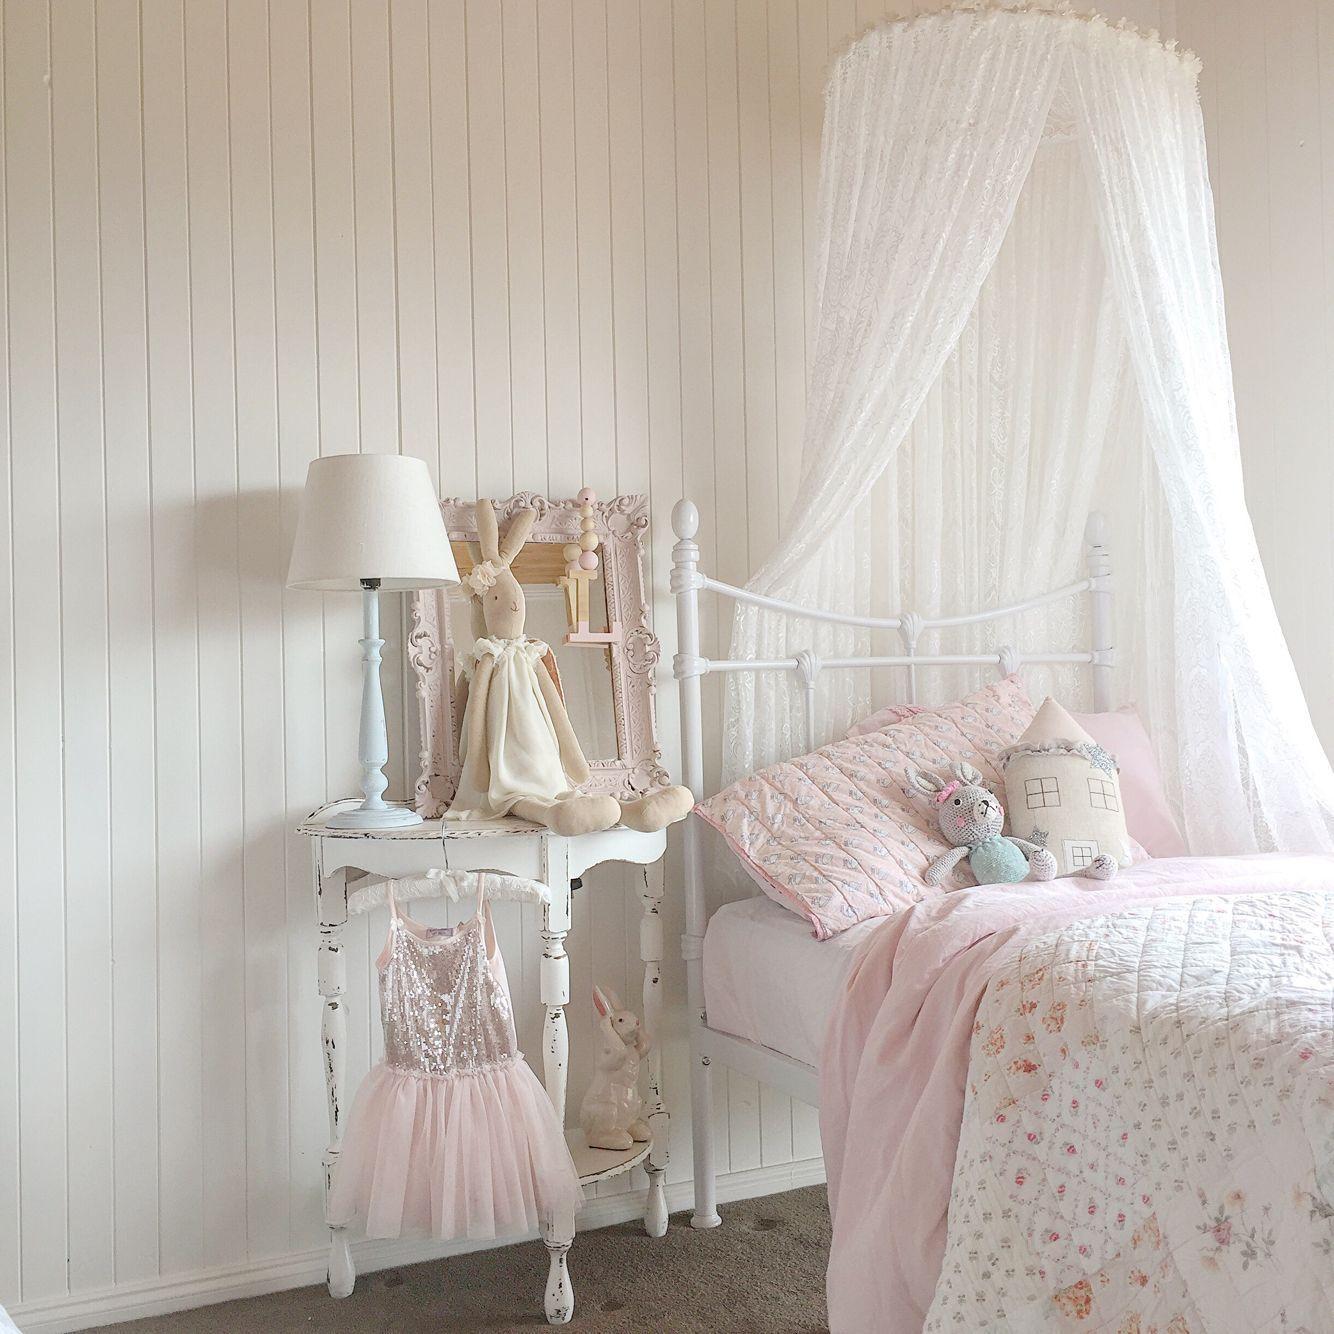 romntico hung dome princesa litera encaje blanco carpas mosquiteras cenefa cama cuna cama con dosel de